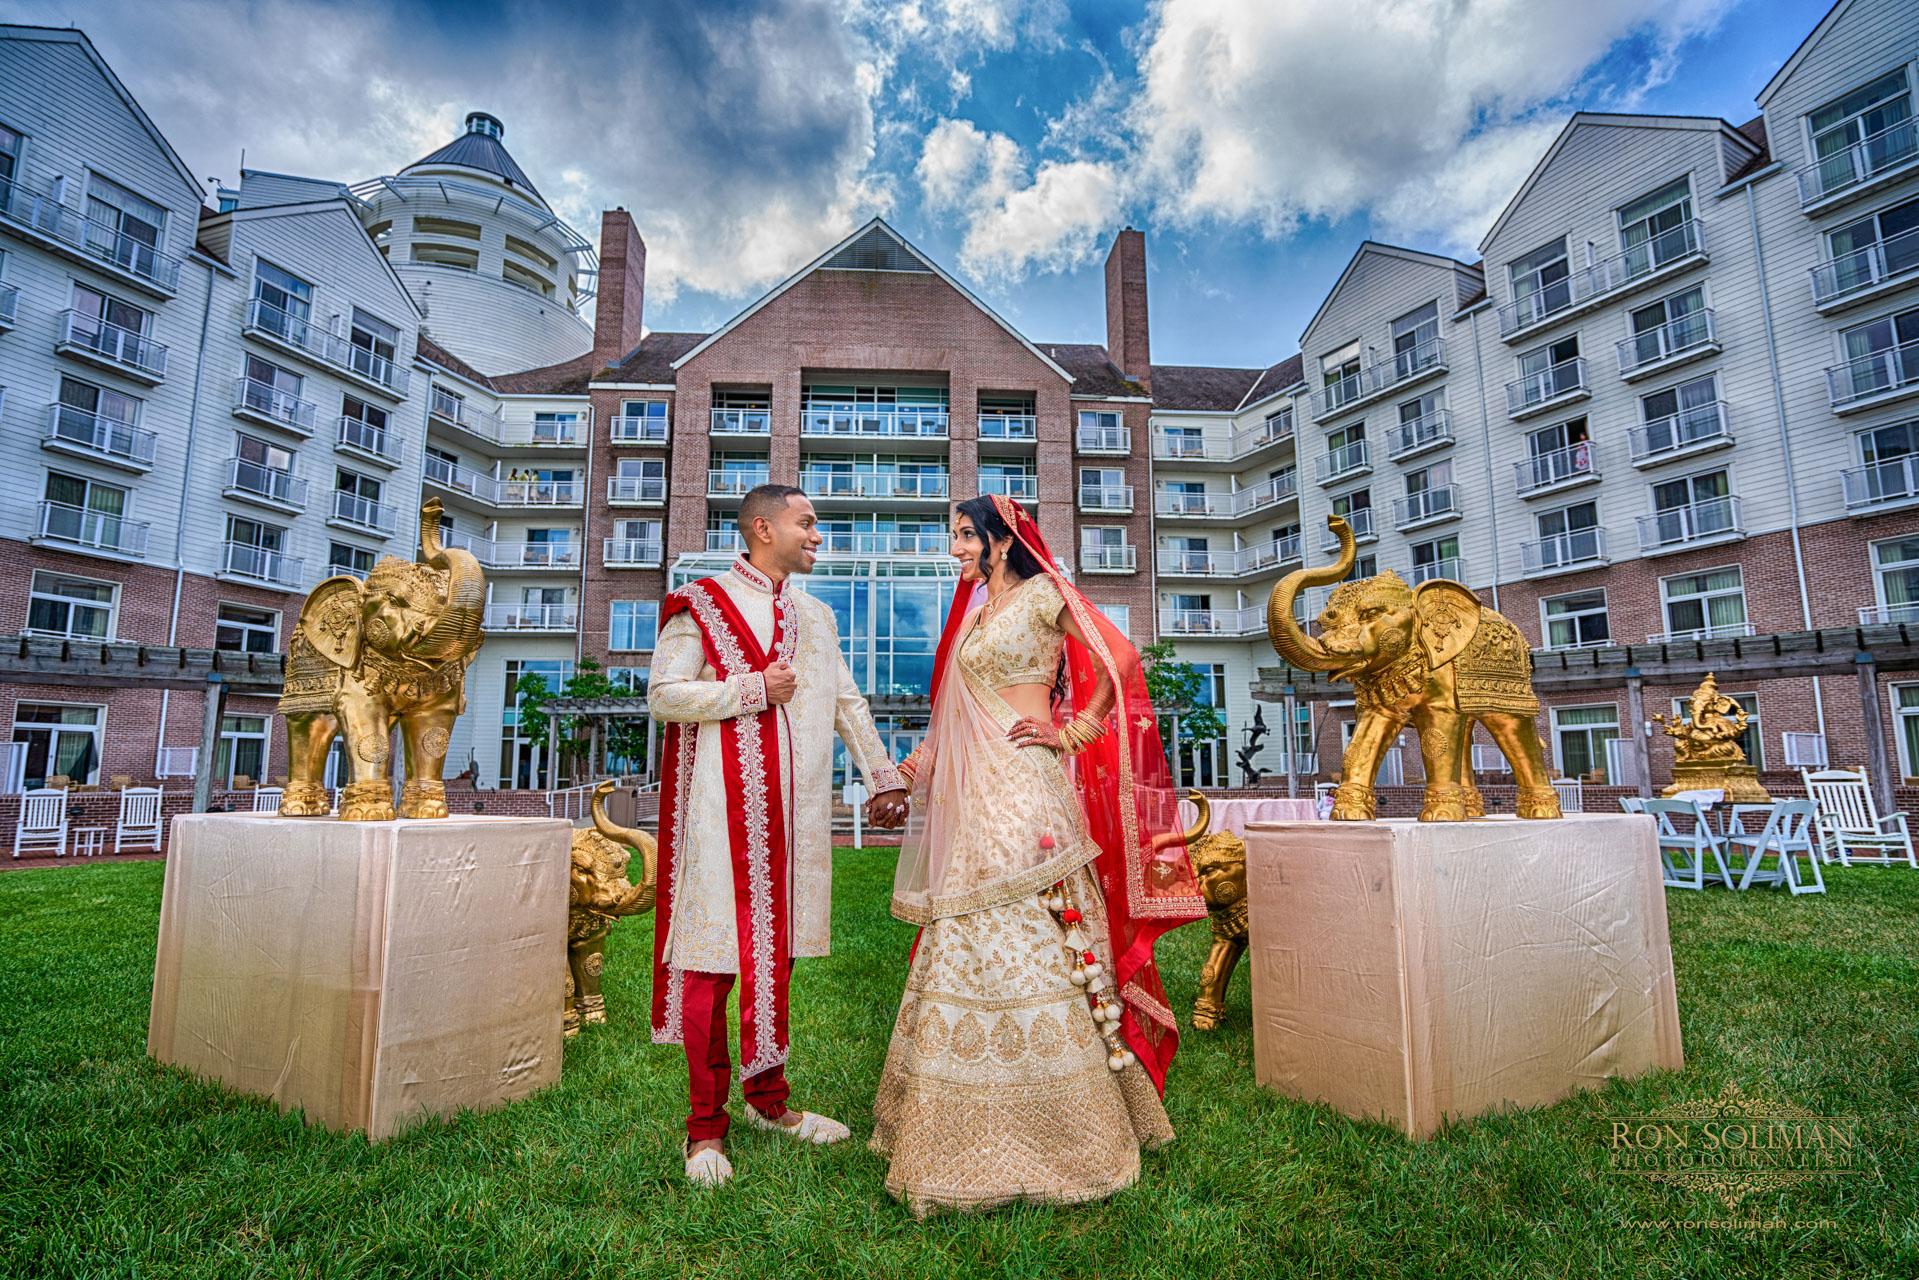 Hyatt Regency Chesapeake Bay Wedding 11